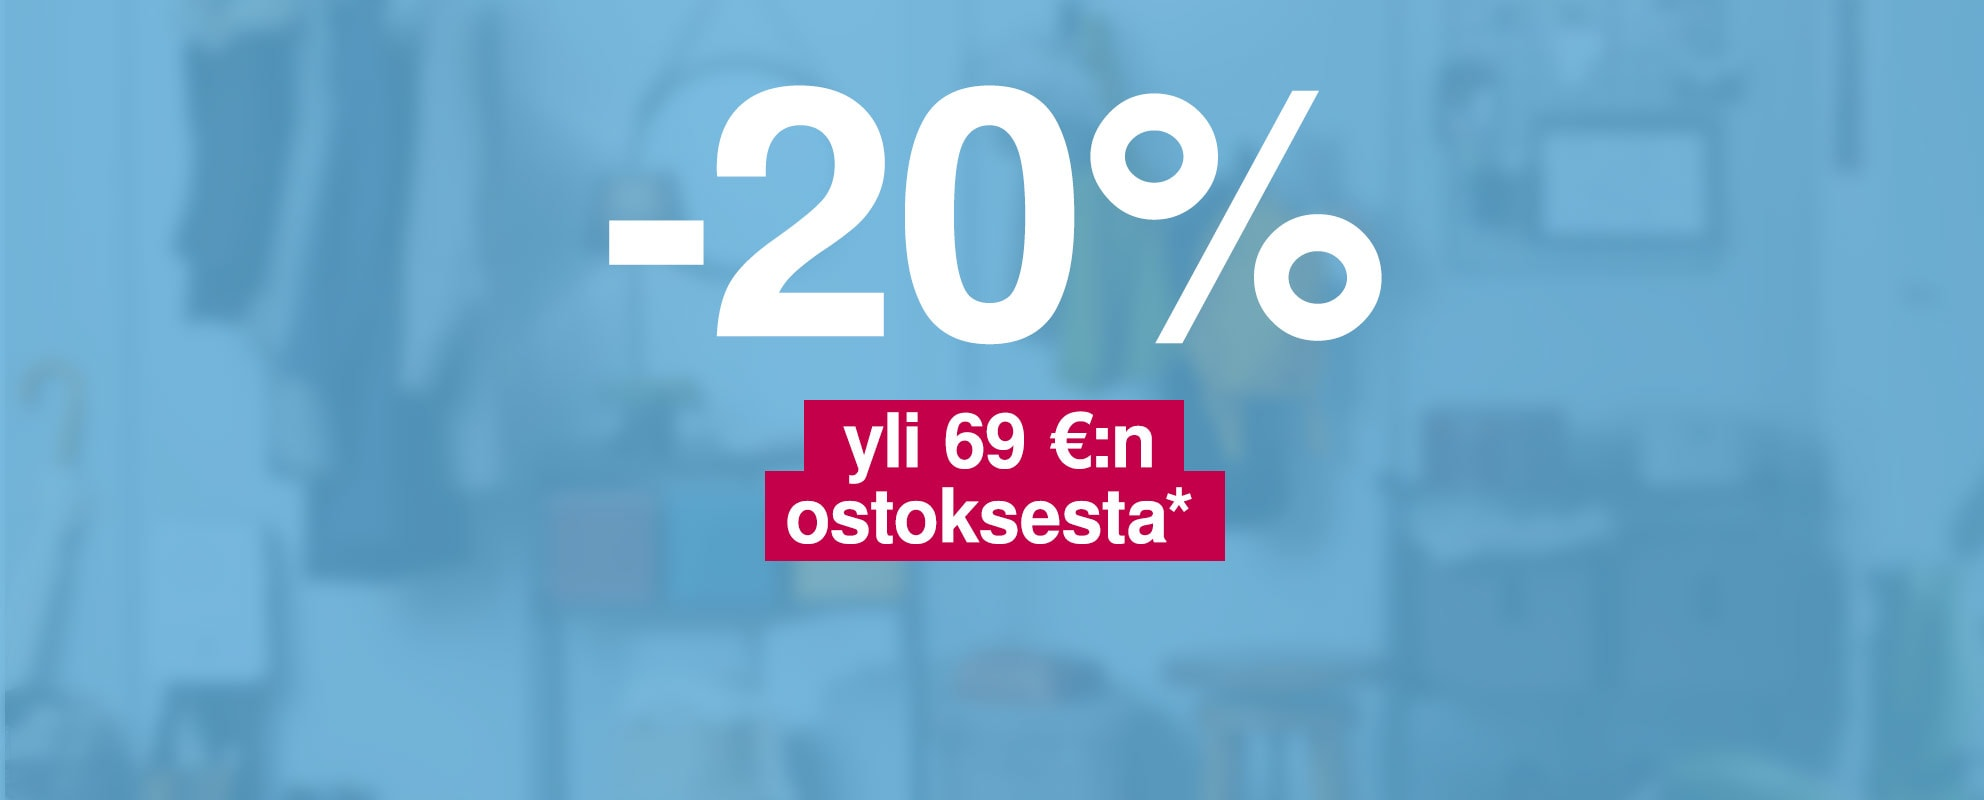 -20 % yli 69 €:n ostoksesta